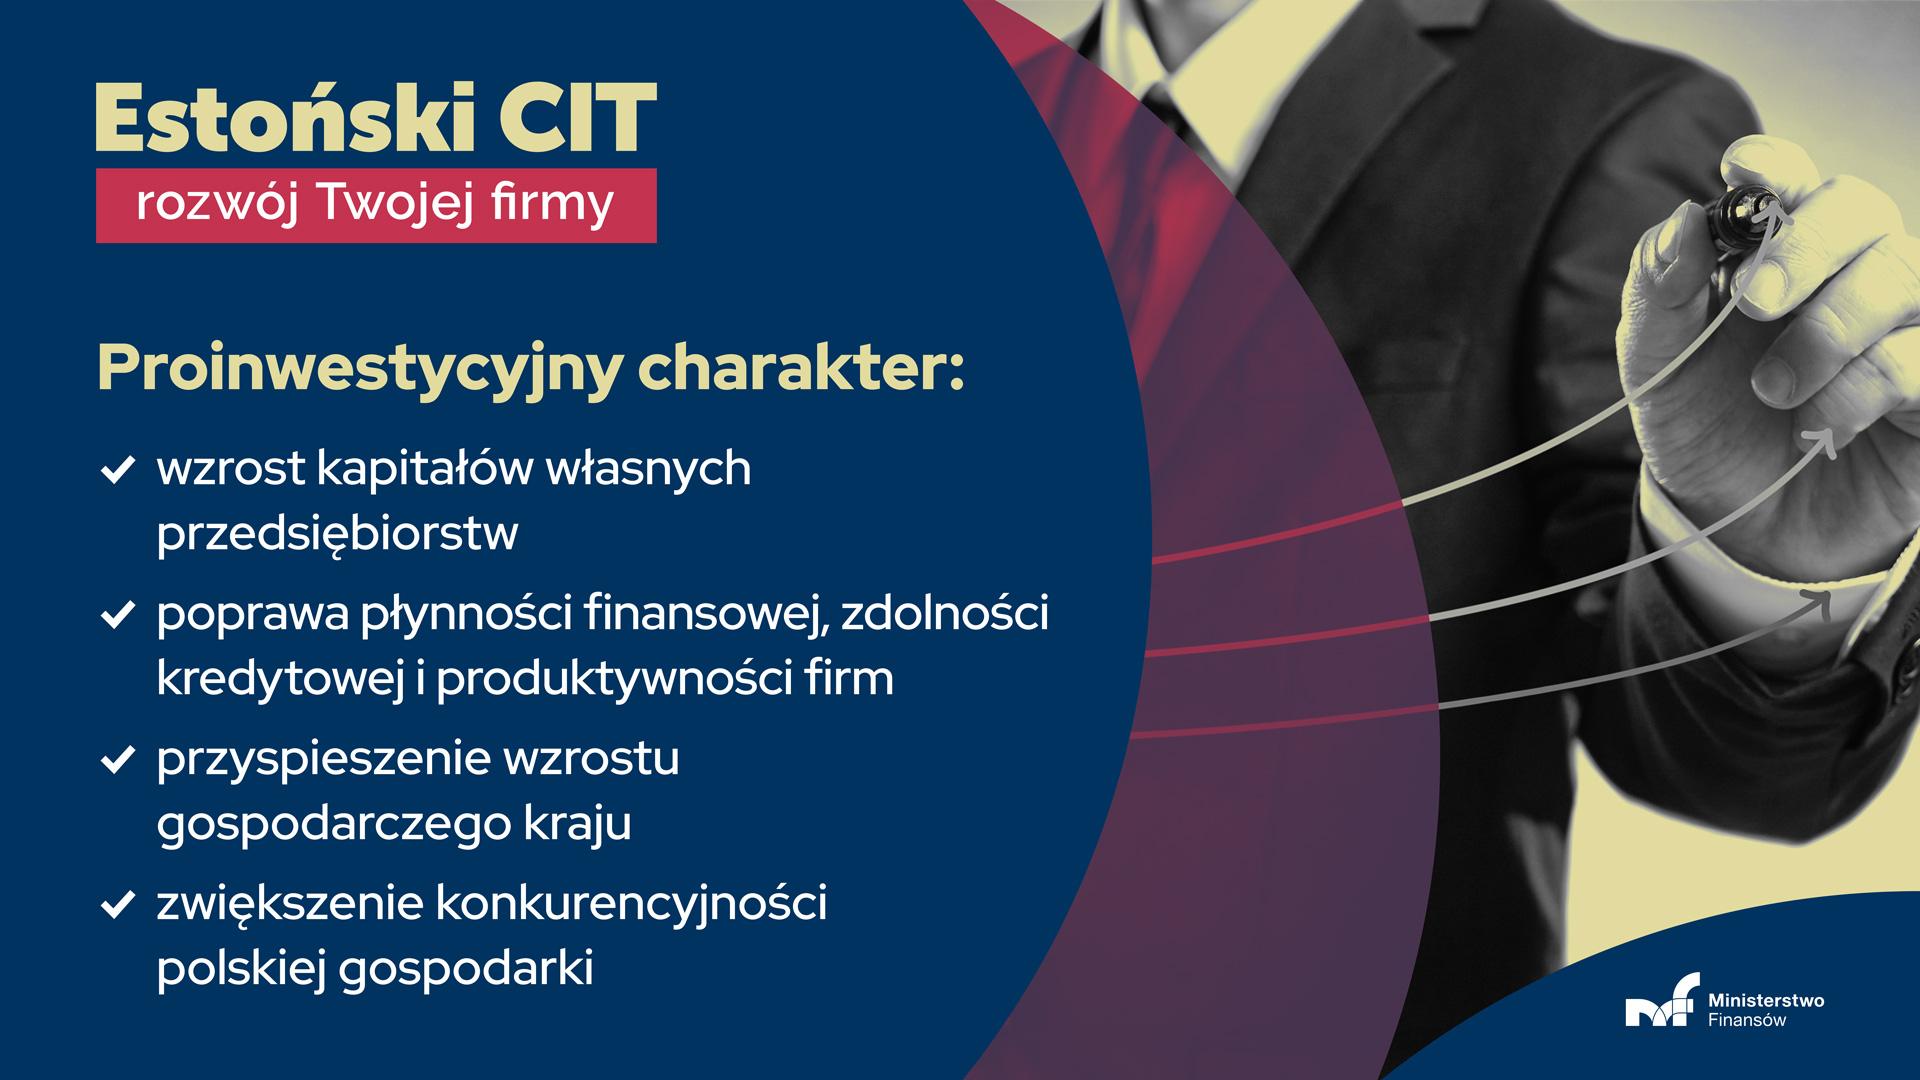 Estoński CIT rozwój Twojej firmy. Proinwestycyjny charakter: wzrost kapitałów własnych przedsiębiorstw, poprawa płynności finansowej, zdolności kredytowej i produktywności firm, przyspieszenie wzrostu gospodarczego kraju, zwiększenie konkurencyjności polskiej gospodarki